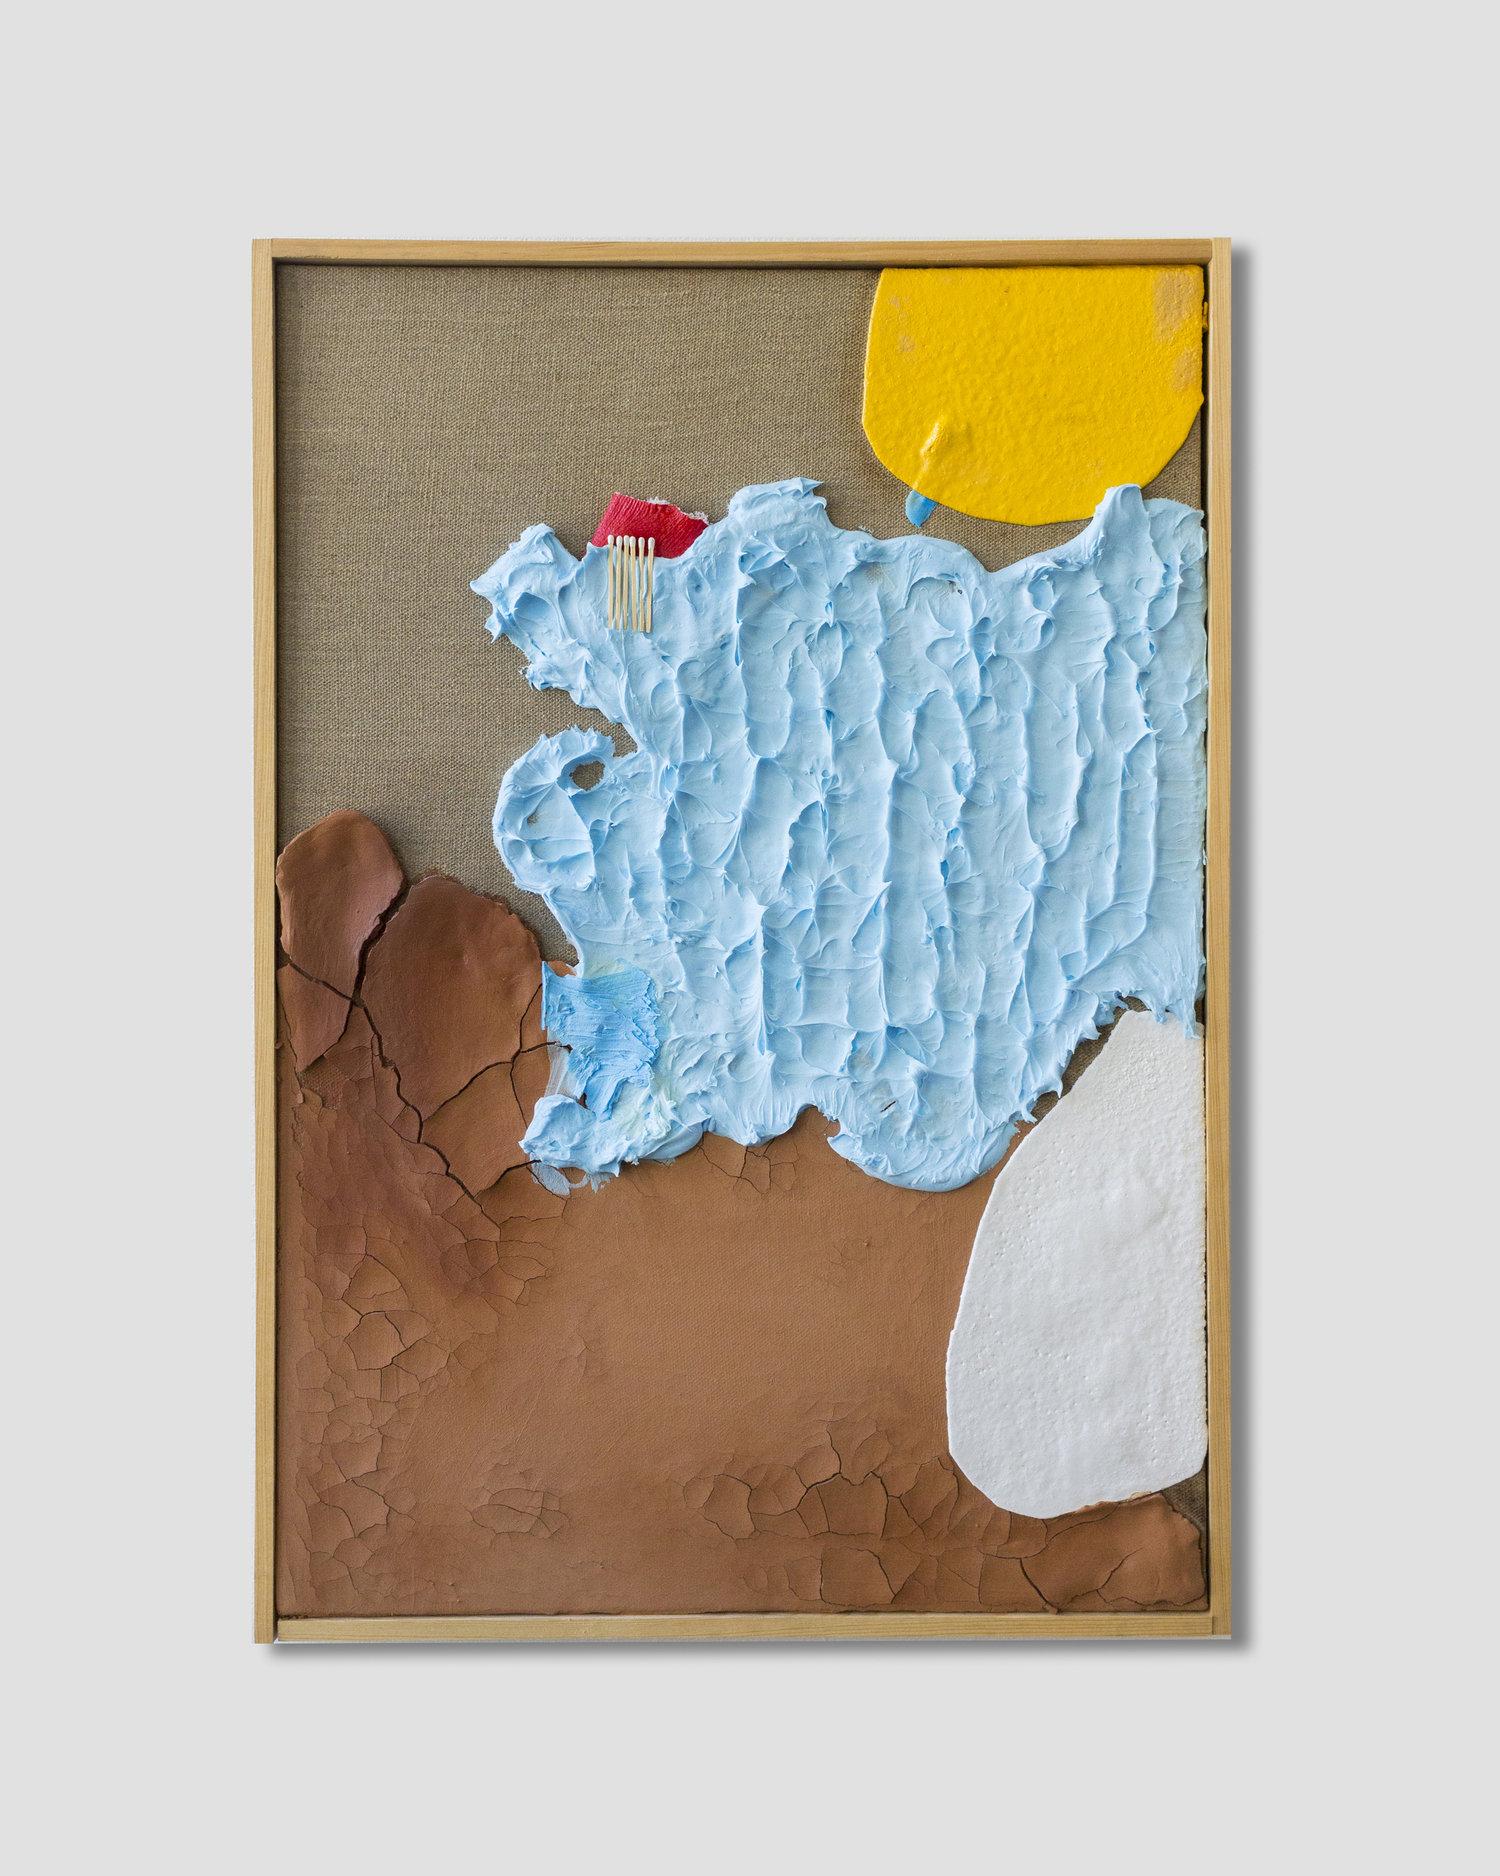 L'Art de Jean-François Le Minh est une Masterclass en Expérimentation [DRAFT]